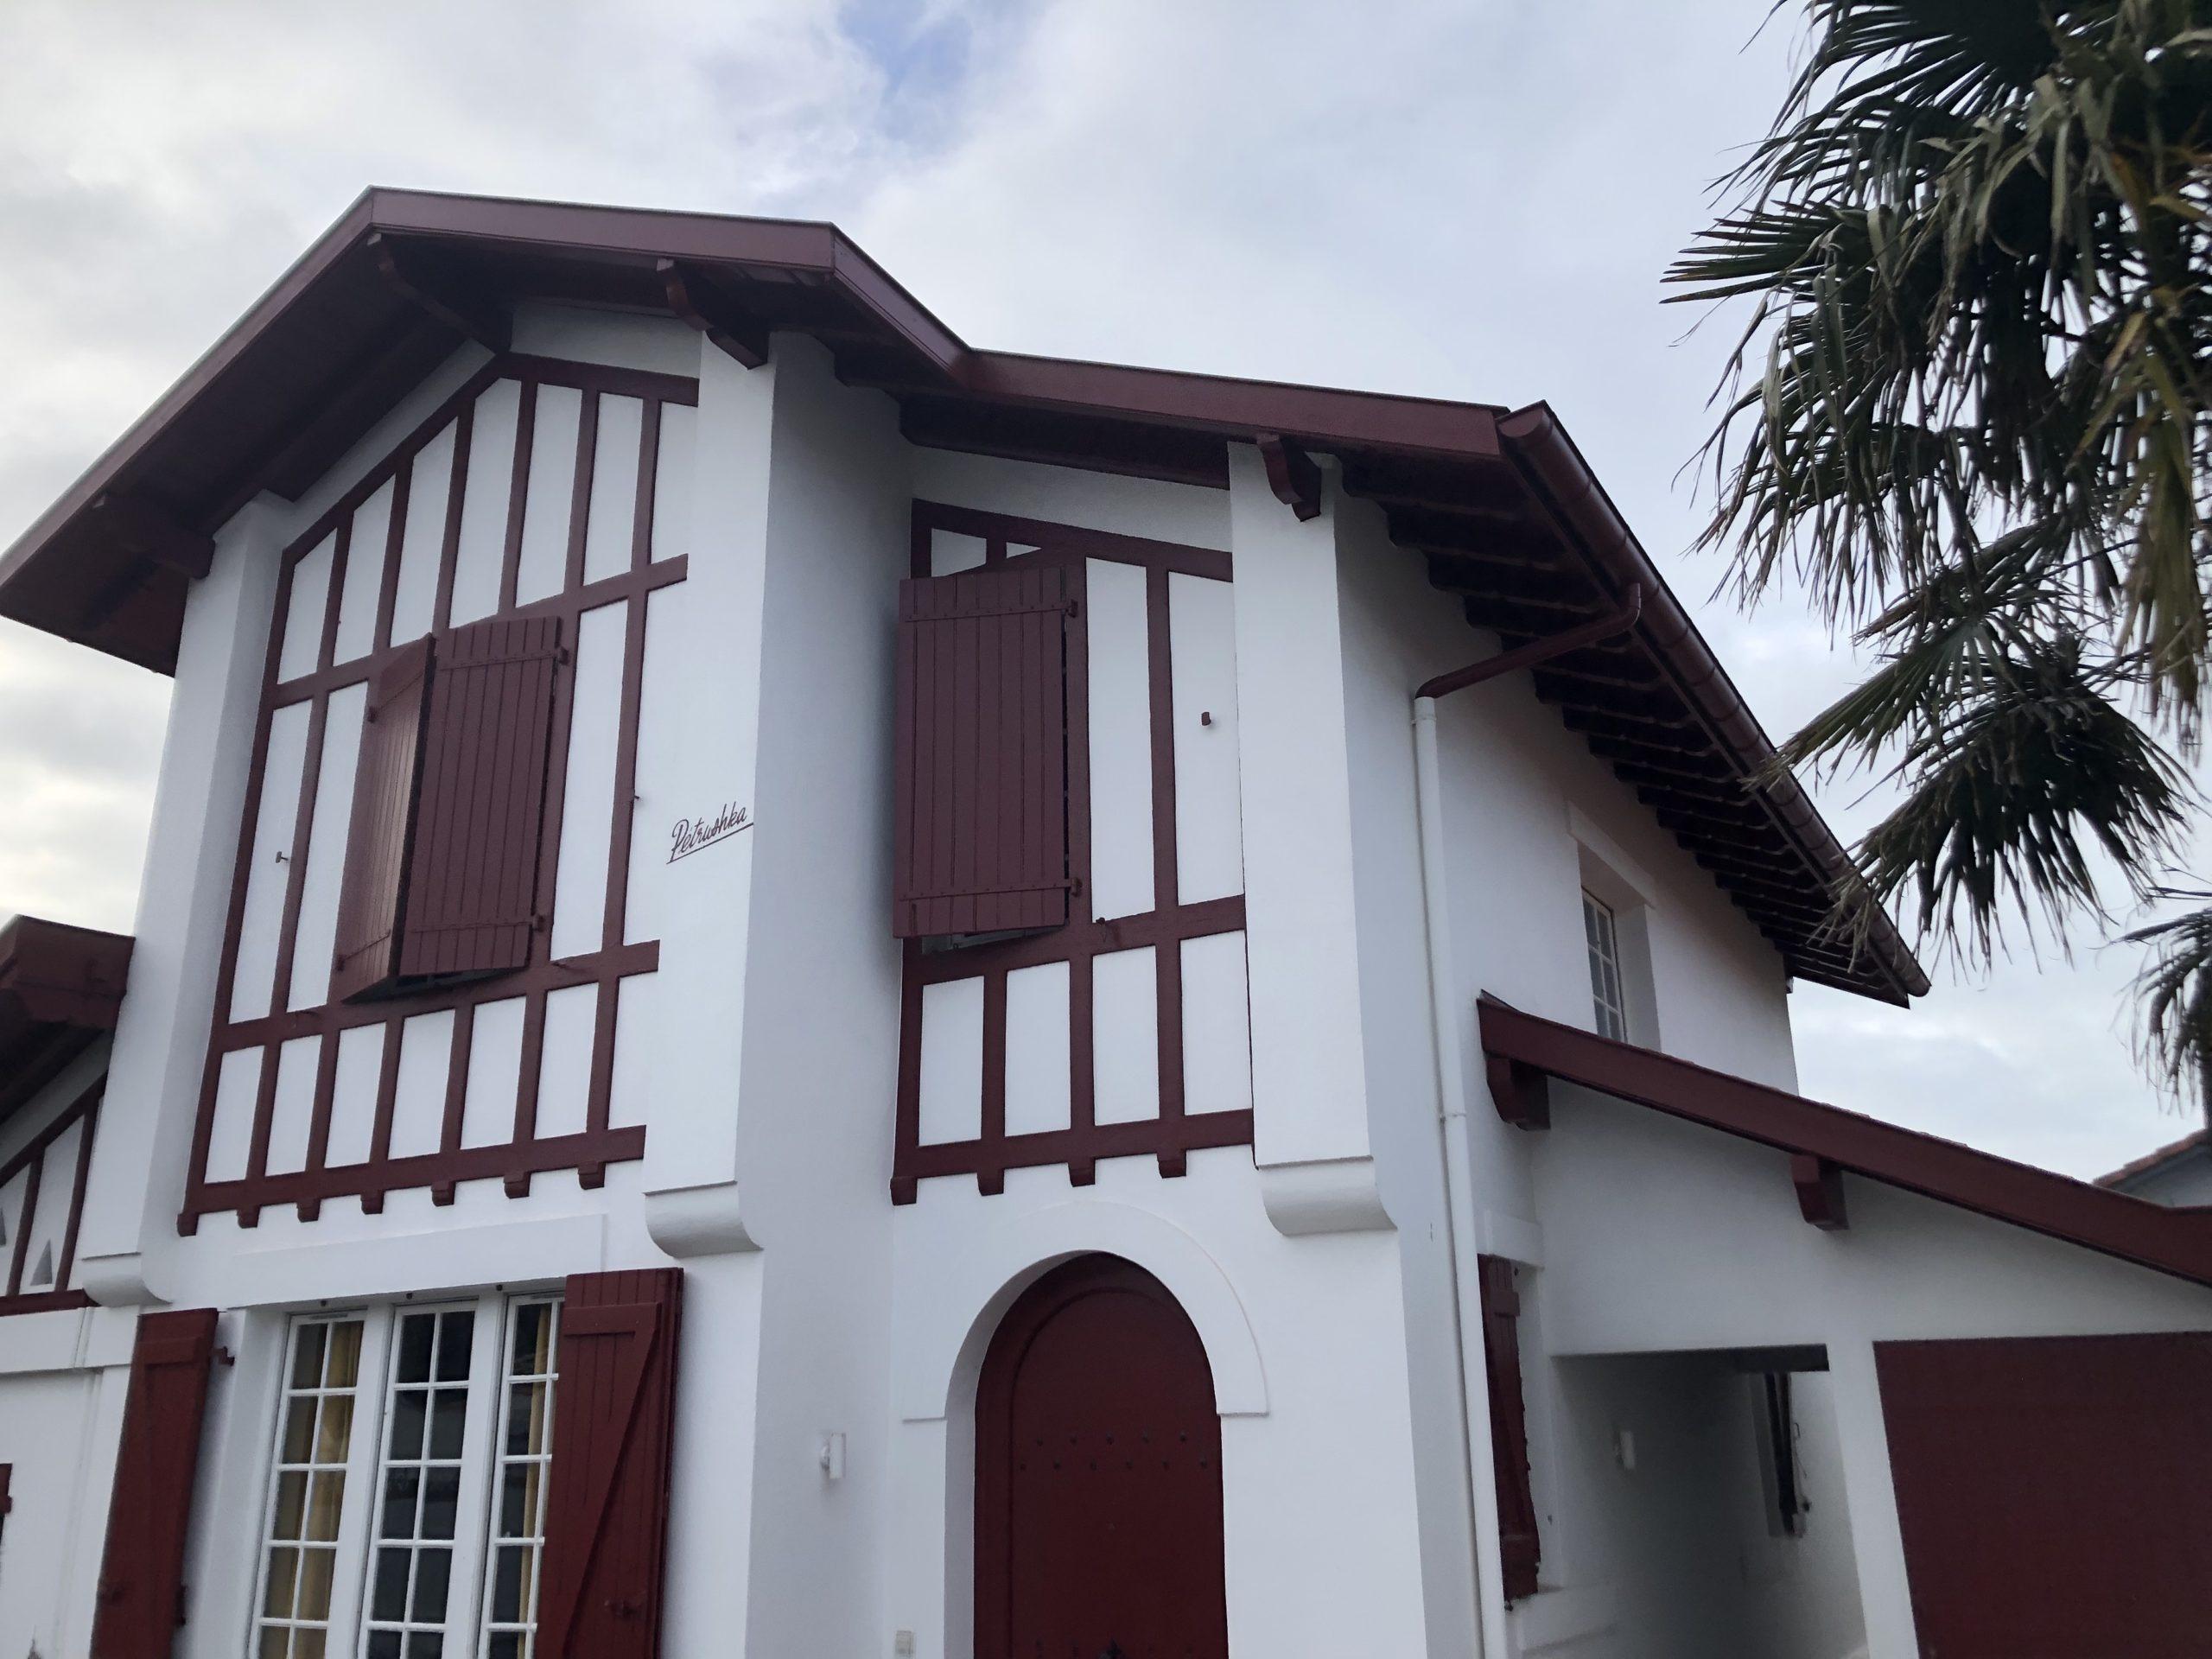 Une maison basque typique/ Charles Déqué